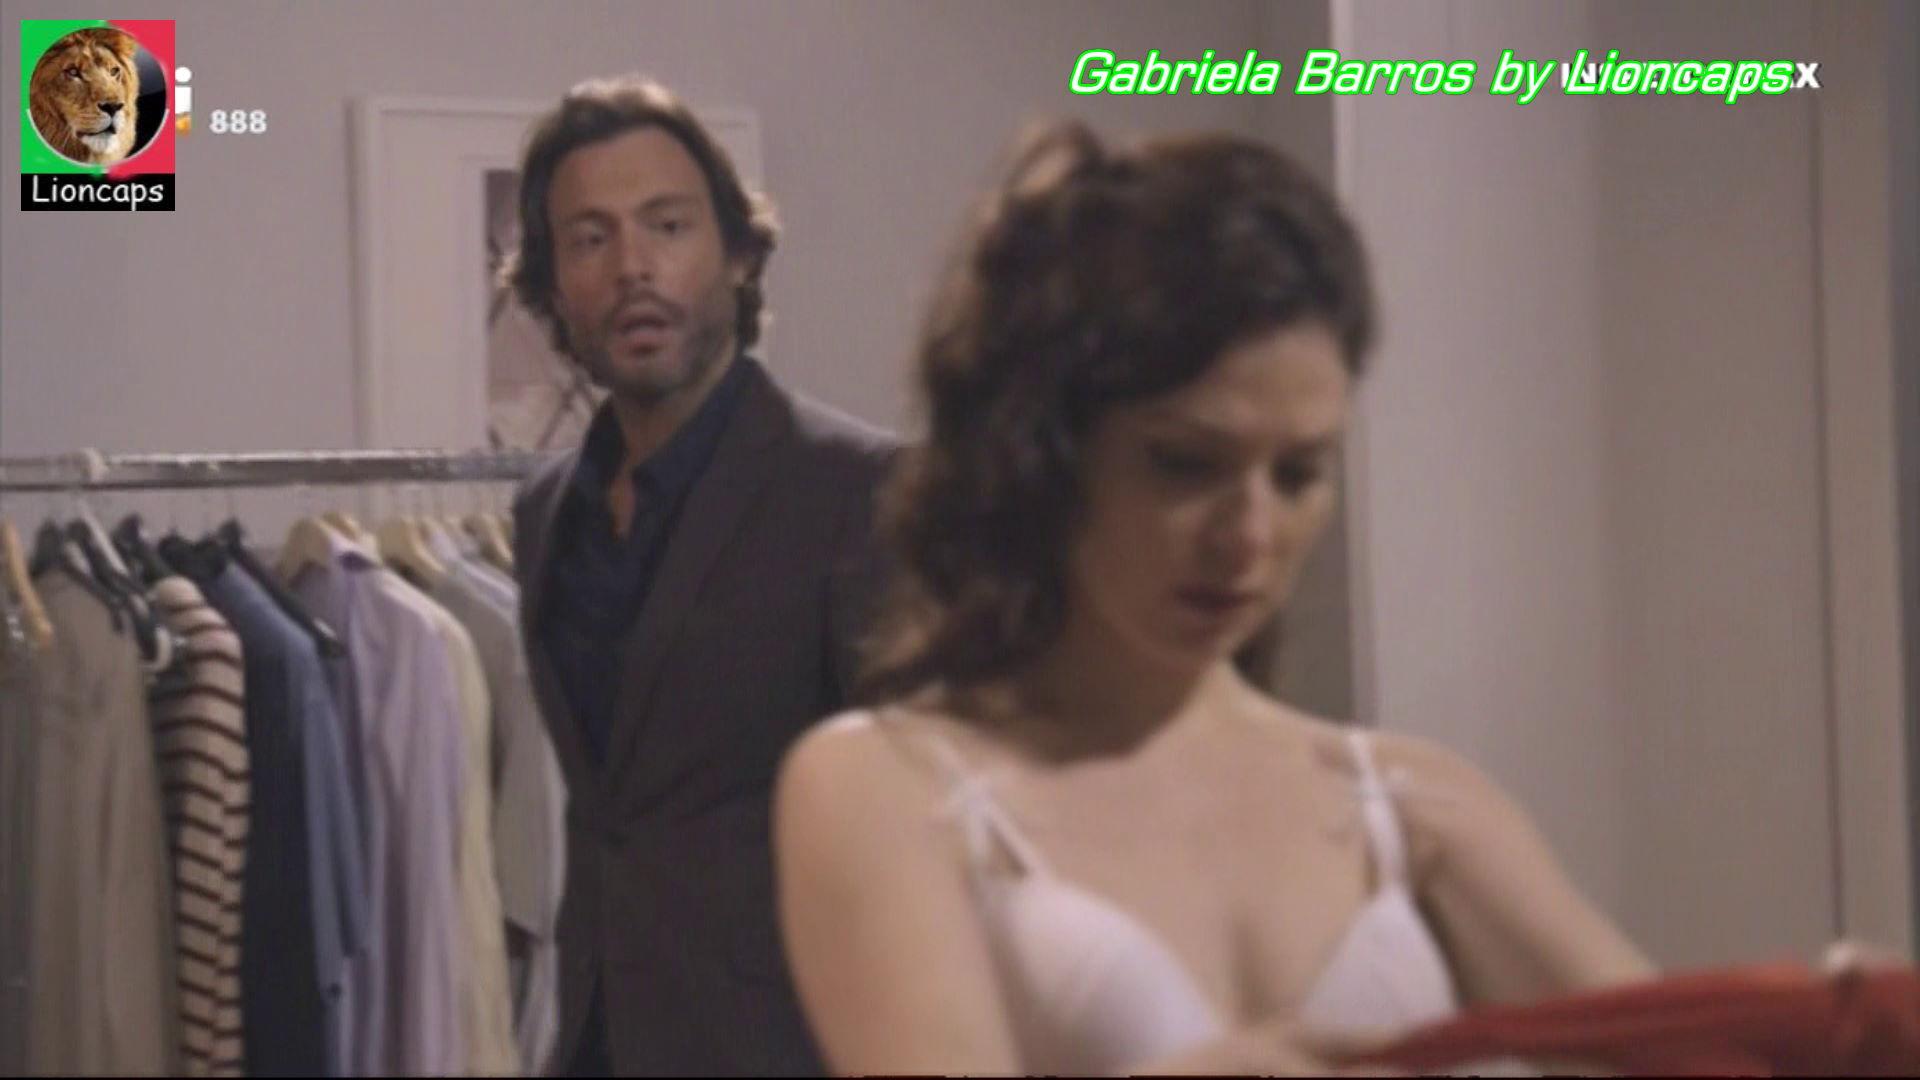 324886356_gabriela_barros_vs170822_0454_122_394lo.JPG